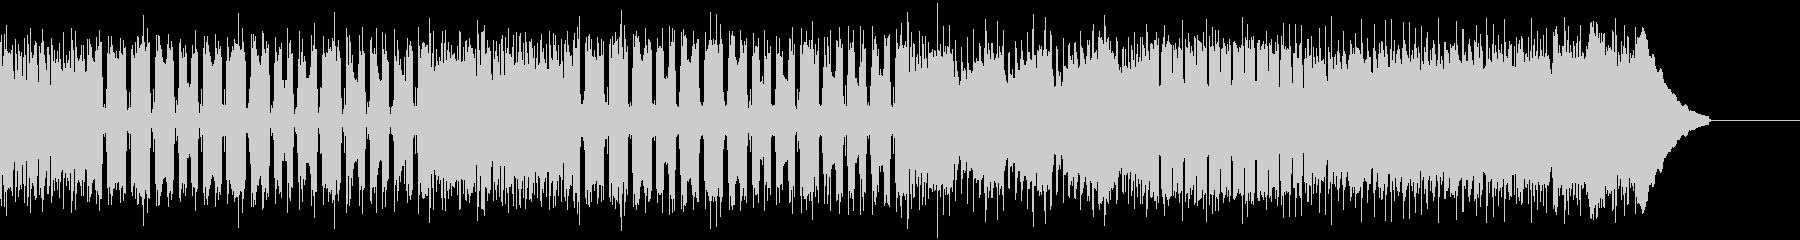 カントリー風マーチングギター01Eの未再生の波形